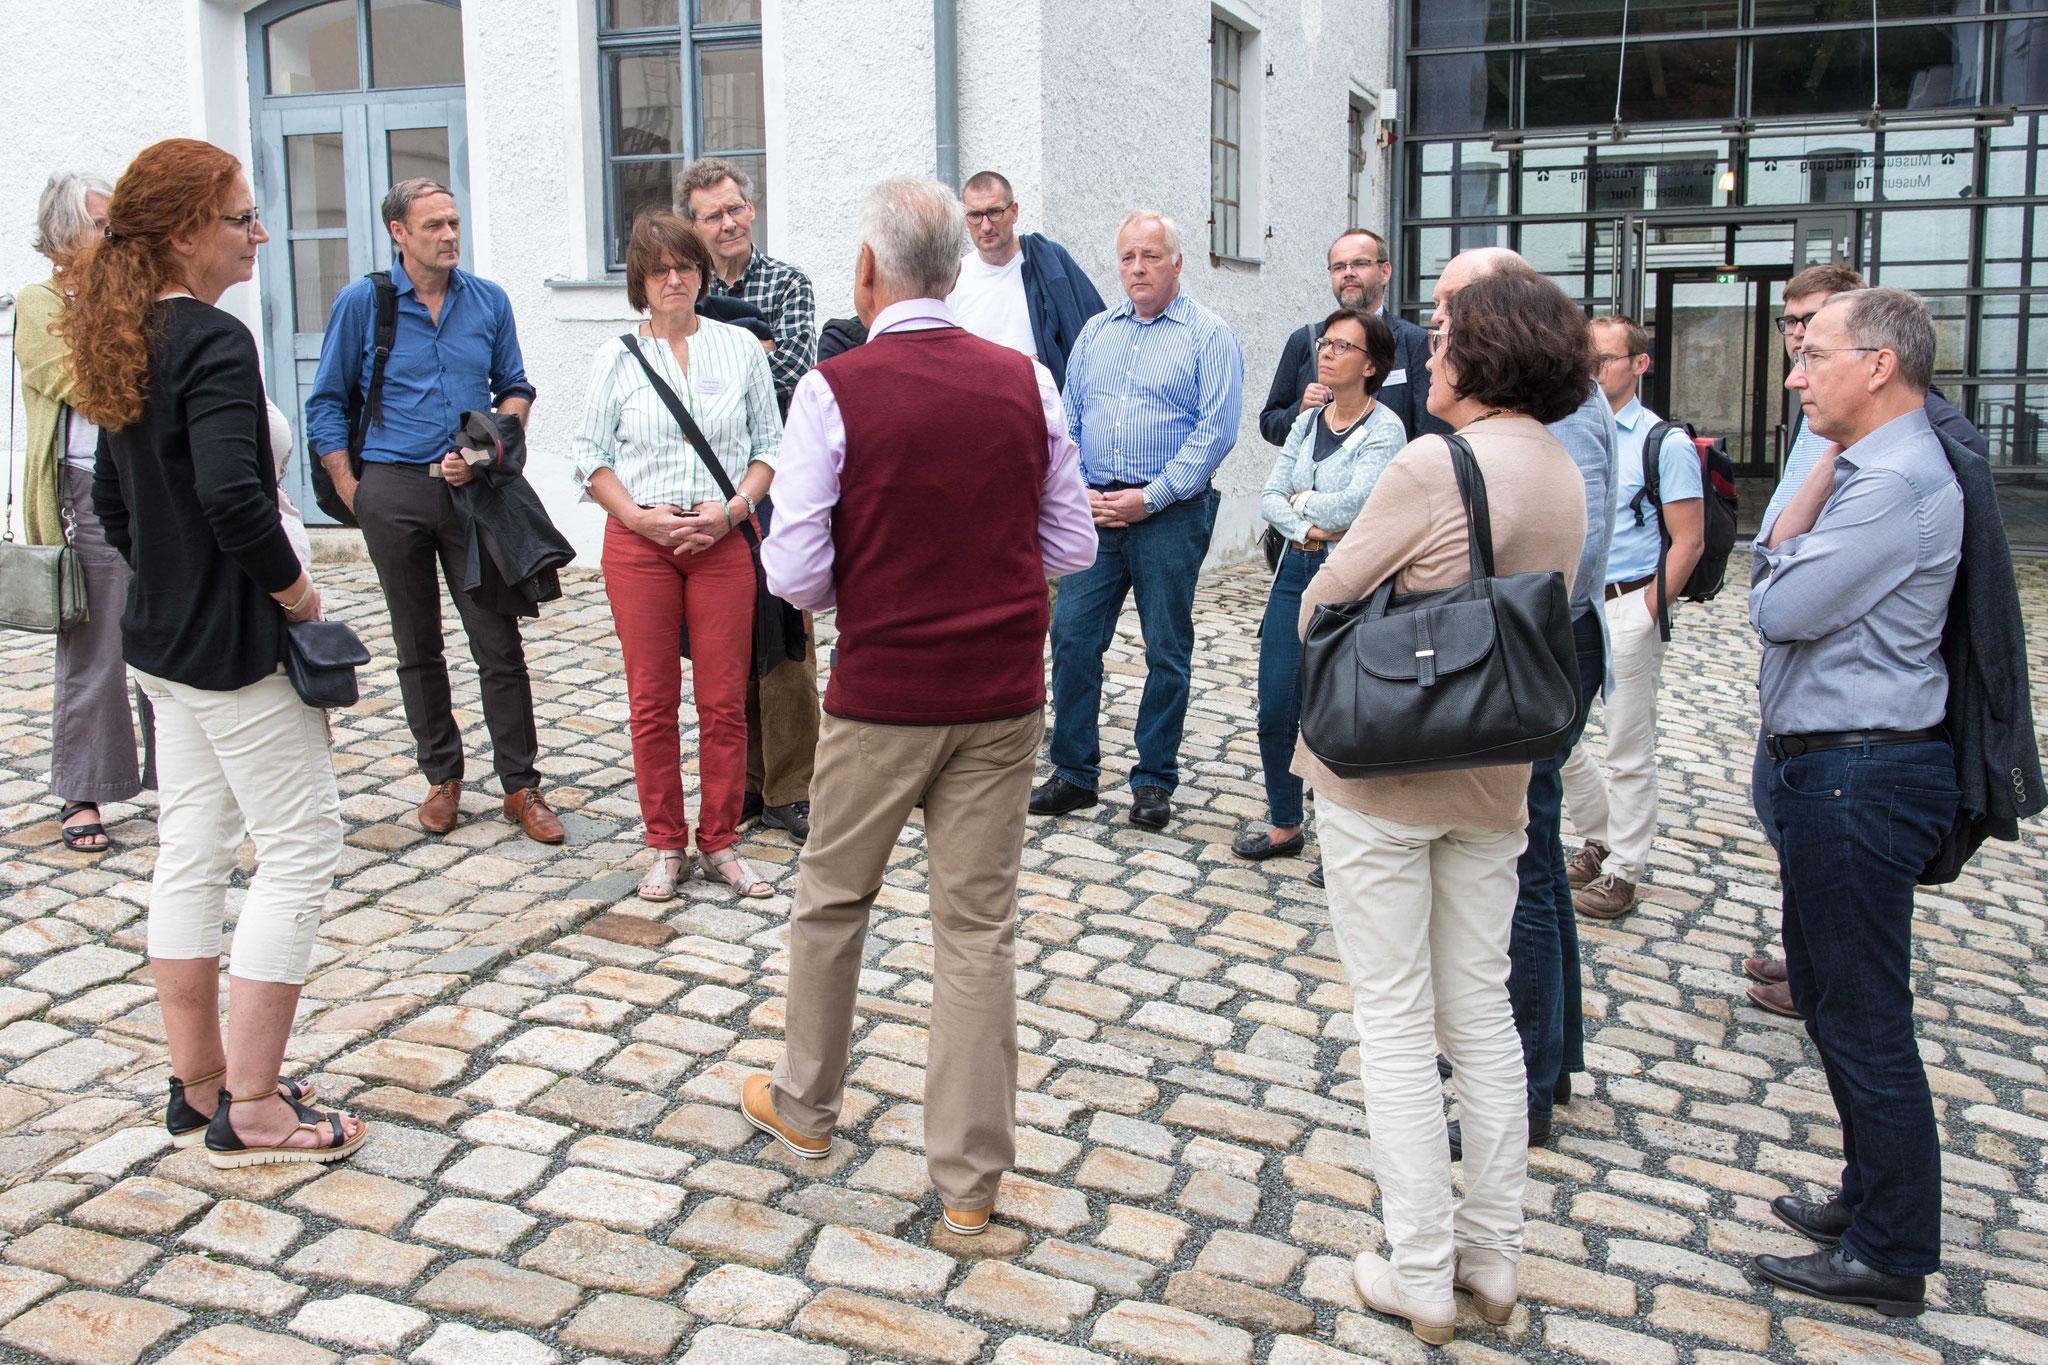 Im Rahmenprogramm wurde das Museum der Porzellanmanufaktur Rosenthal in Selb besucht